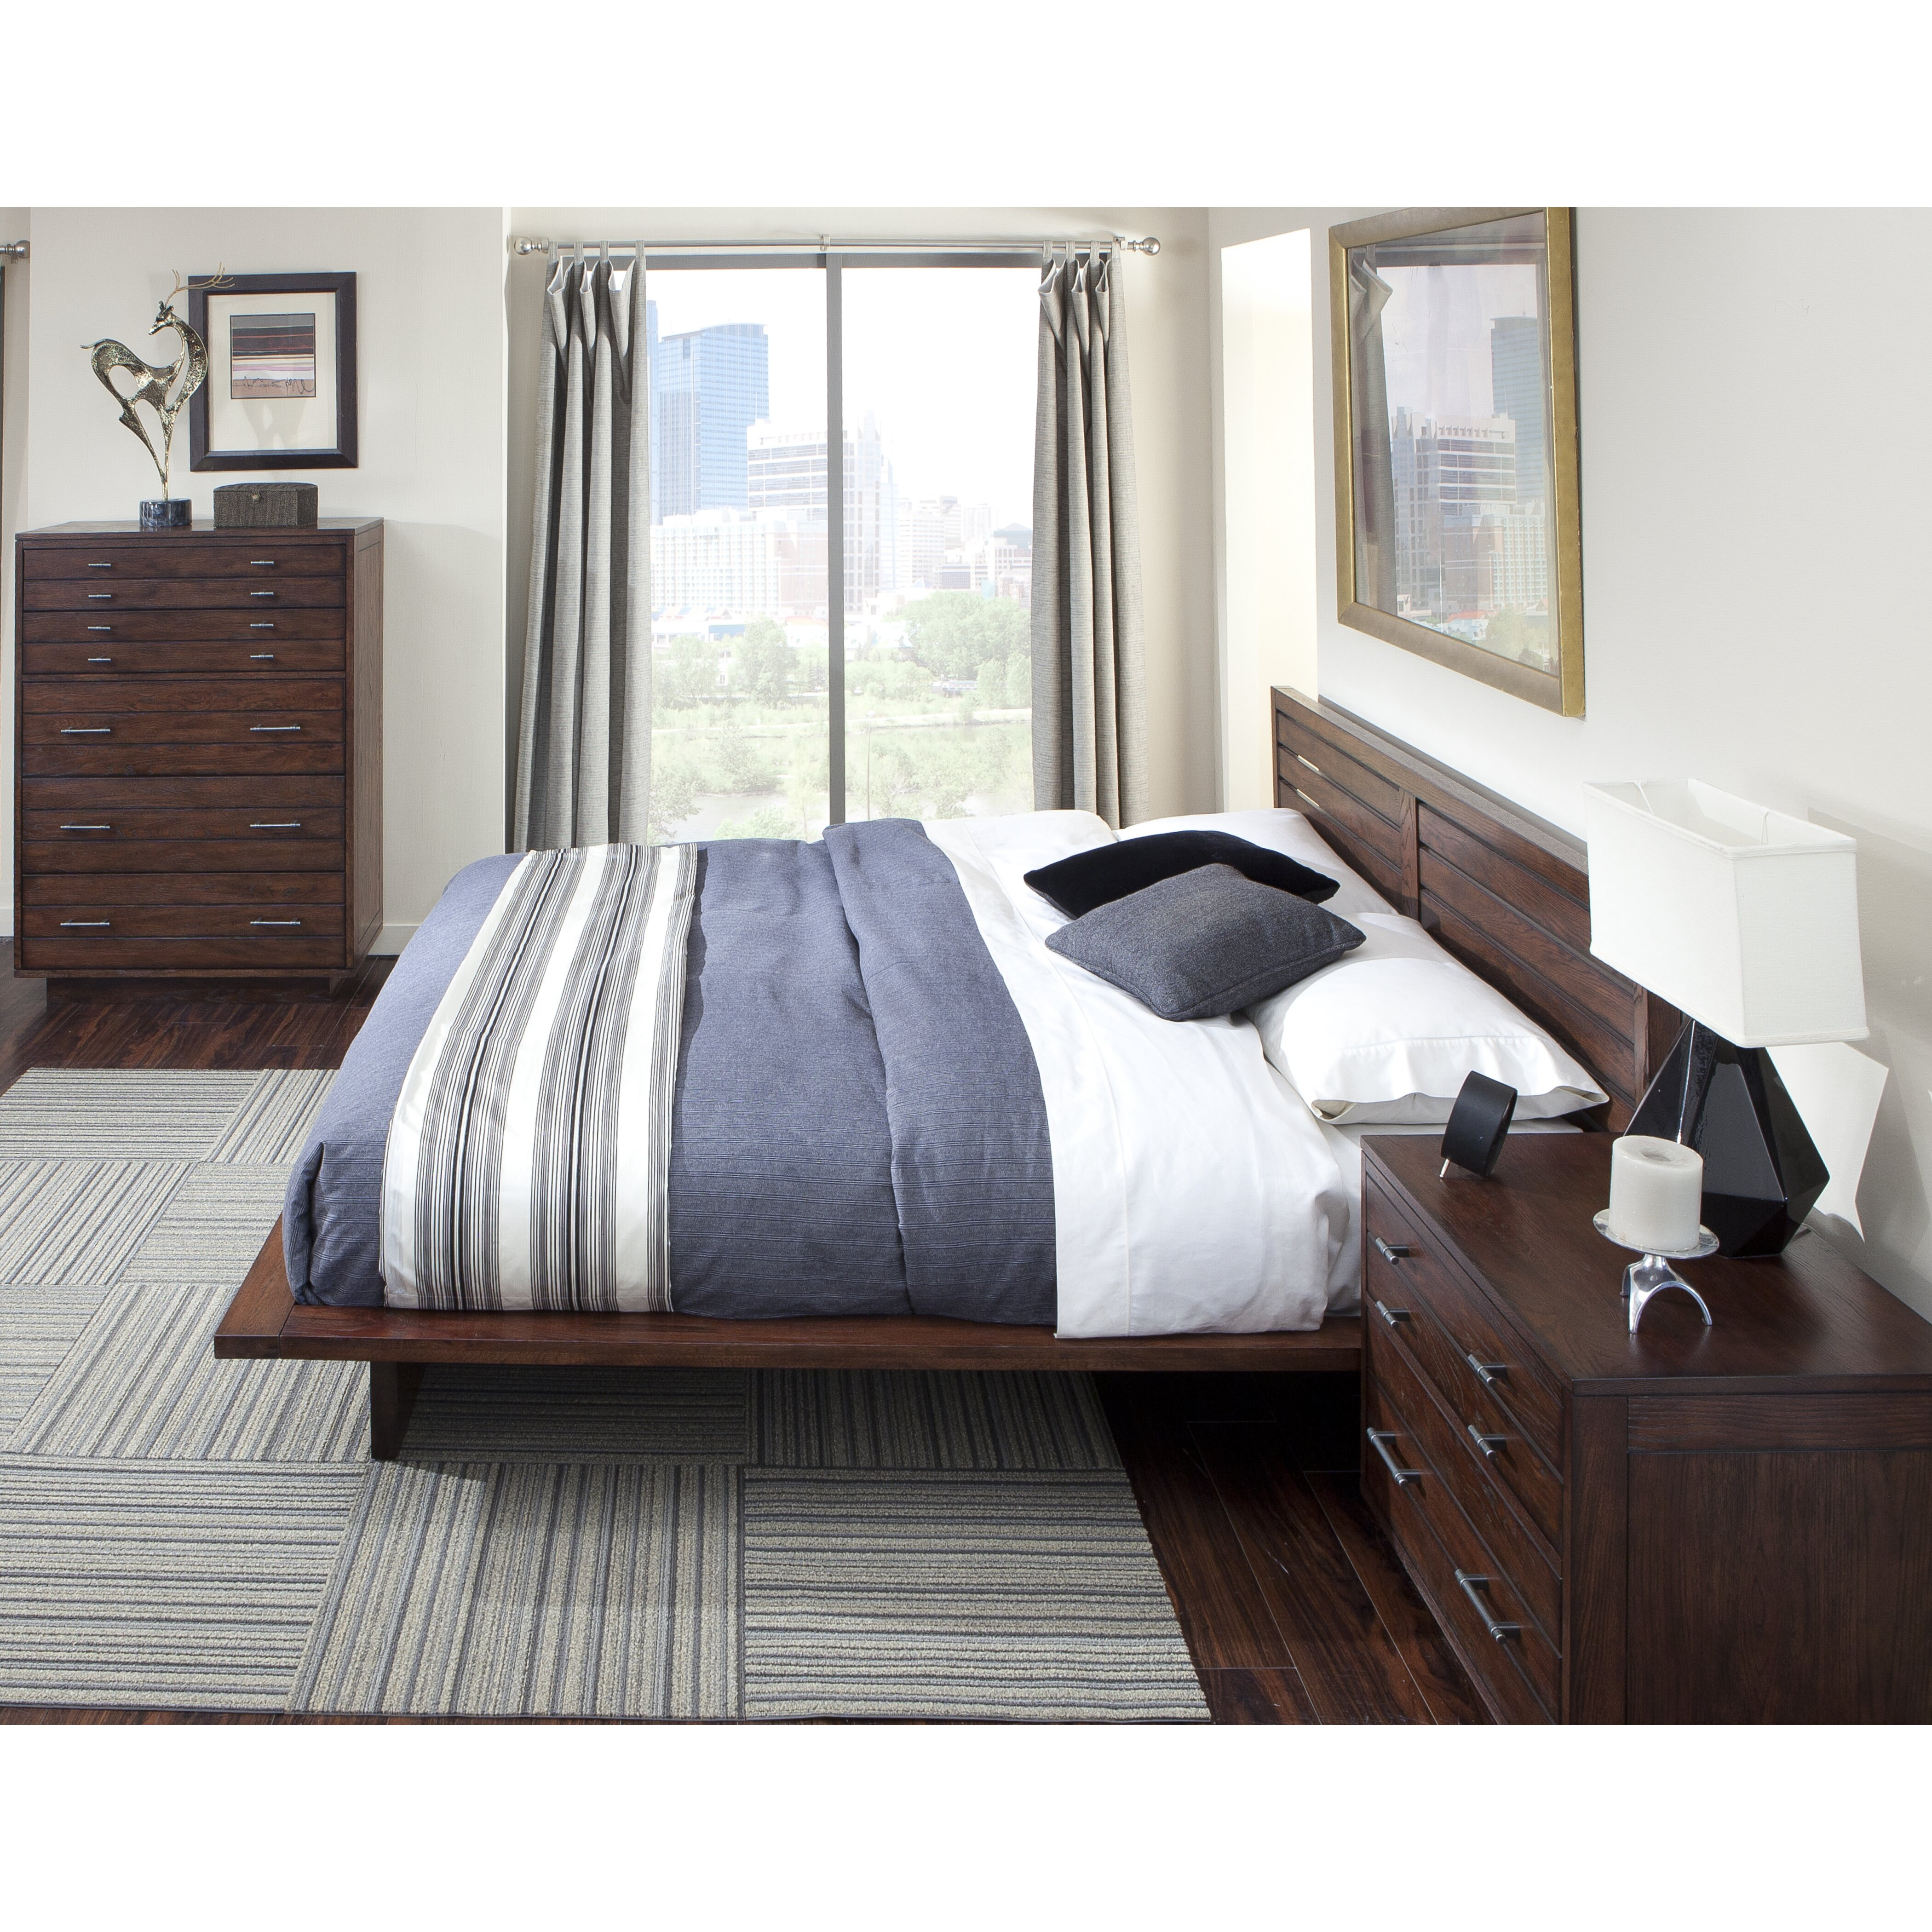 Cresent Furniture Hudson Platform Customizable Bedroom Set Reviews Wayfair